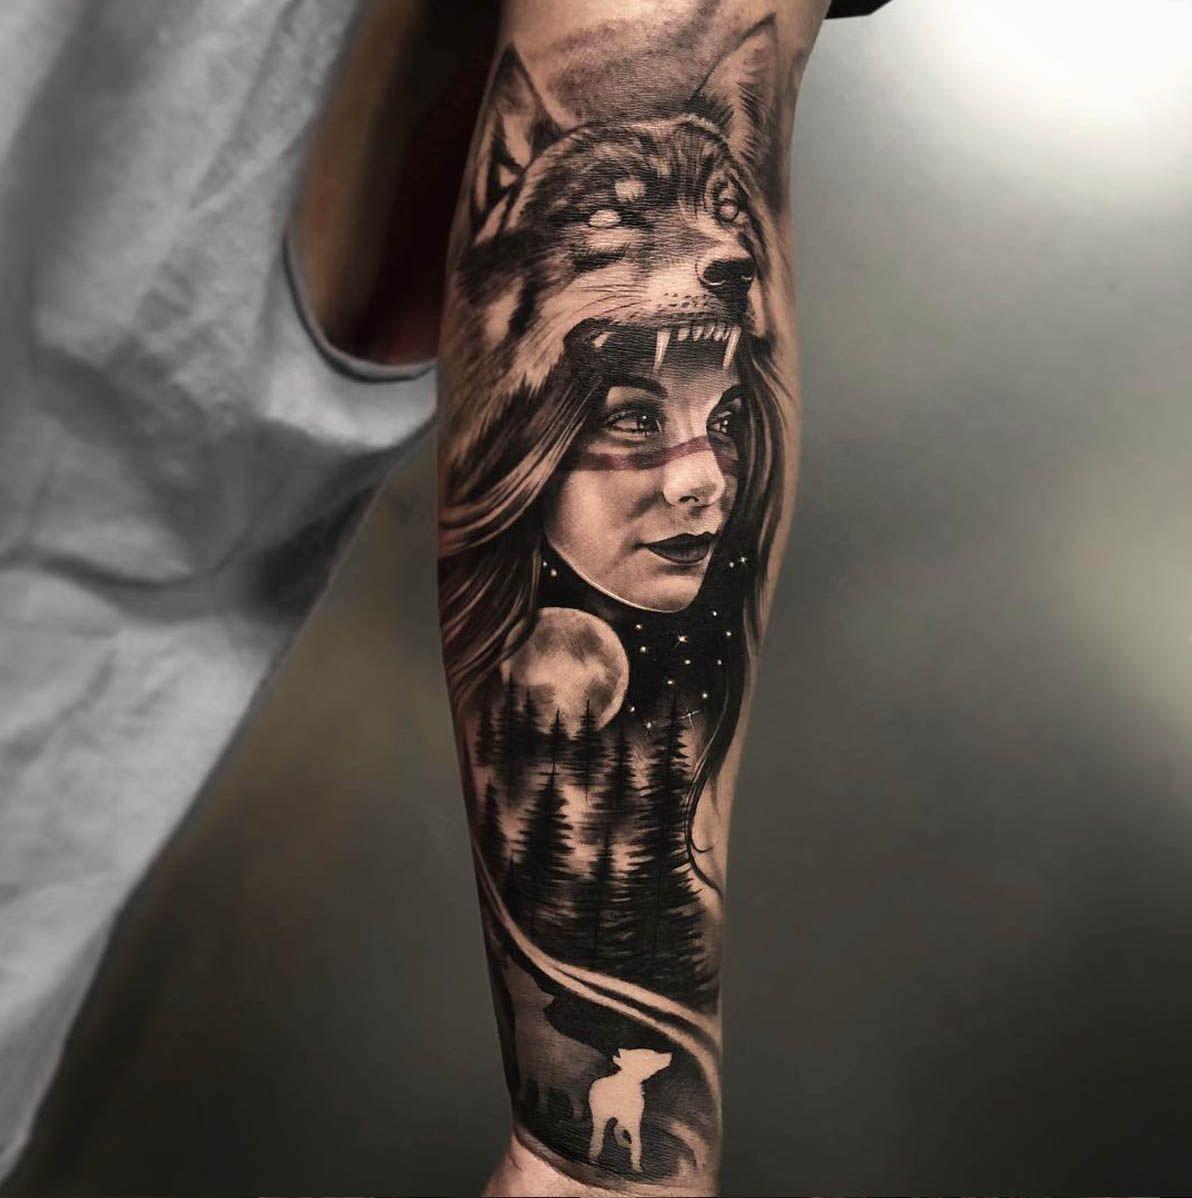 Pin By Martin Londra On Tattoo Ideas In 2020 Wolf Tattoos Headdress Tattoo Sky Tattoos